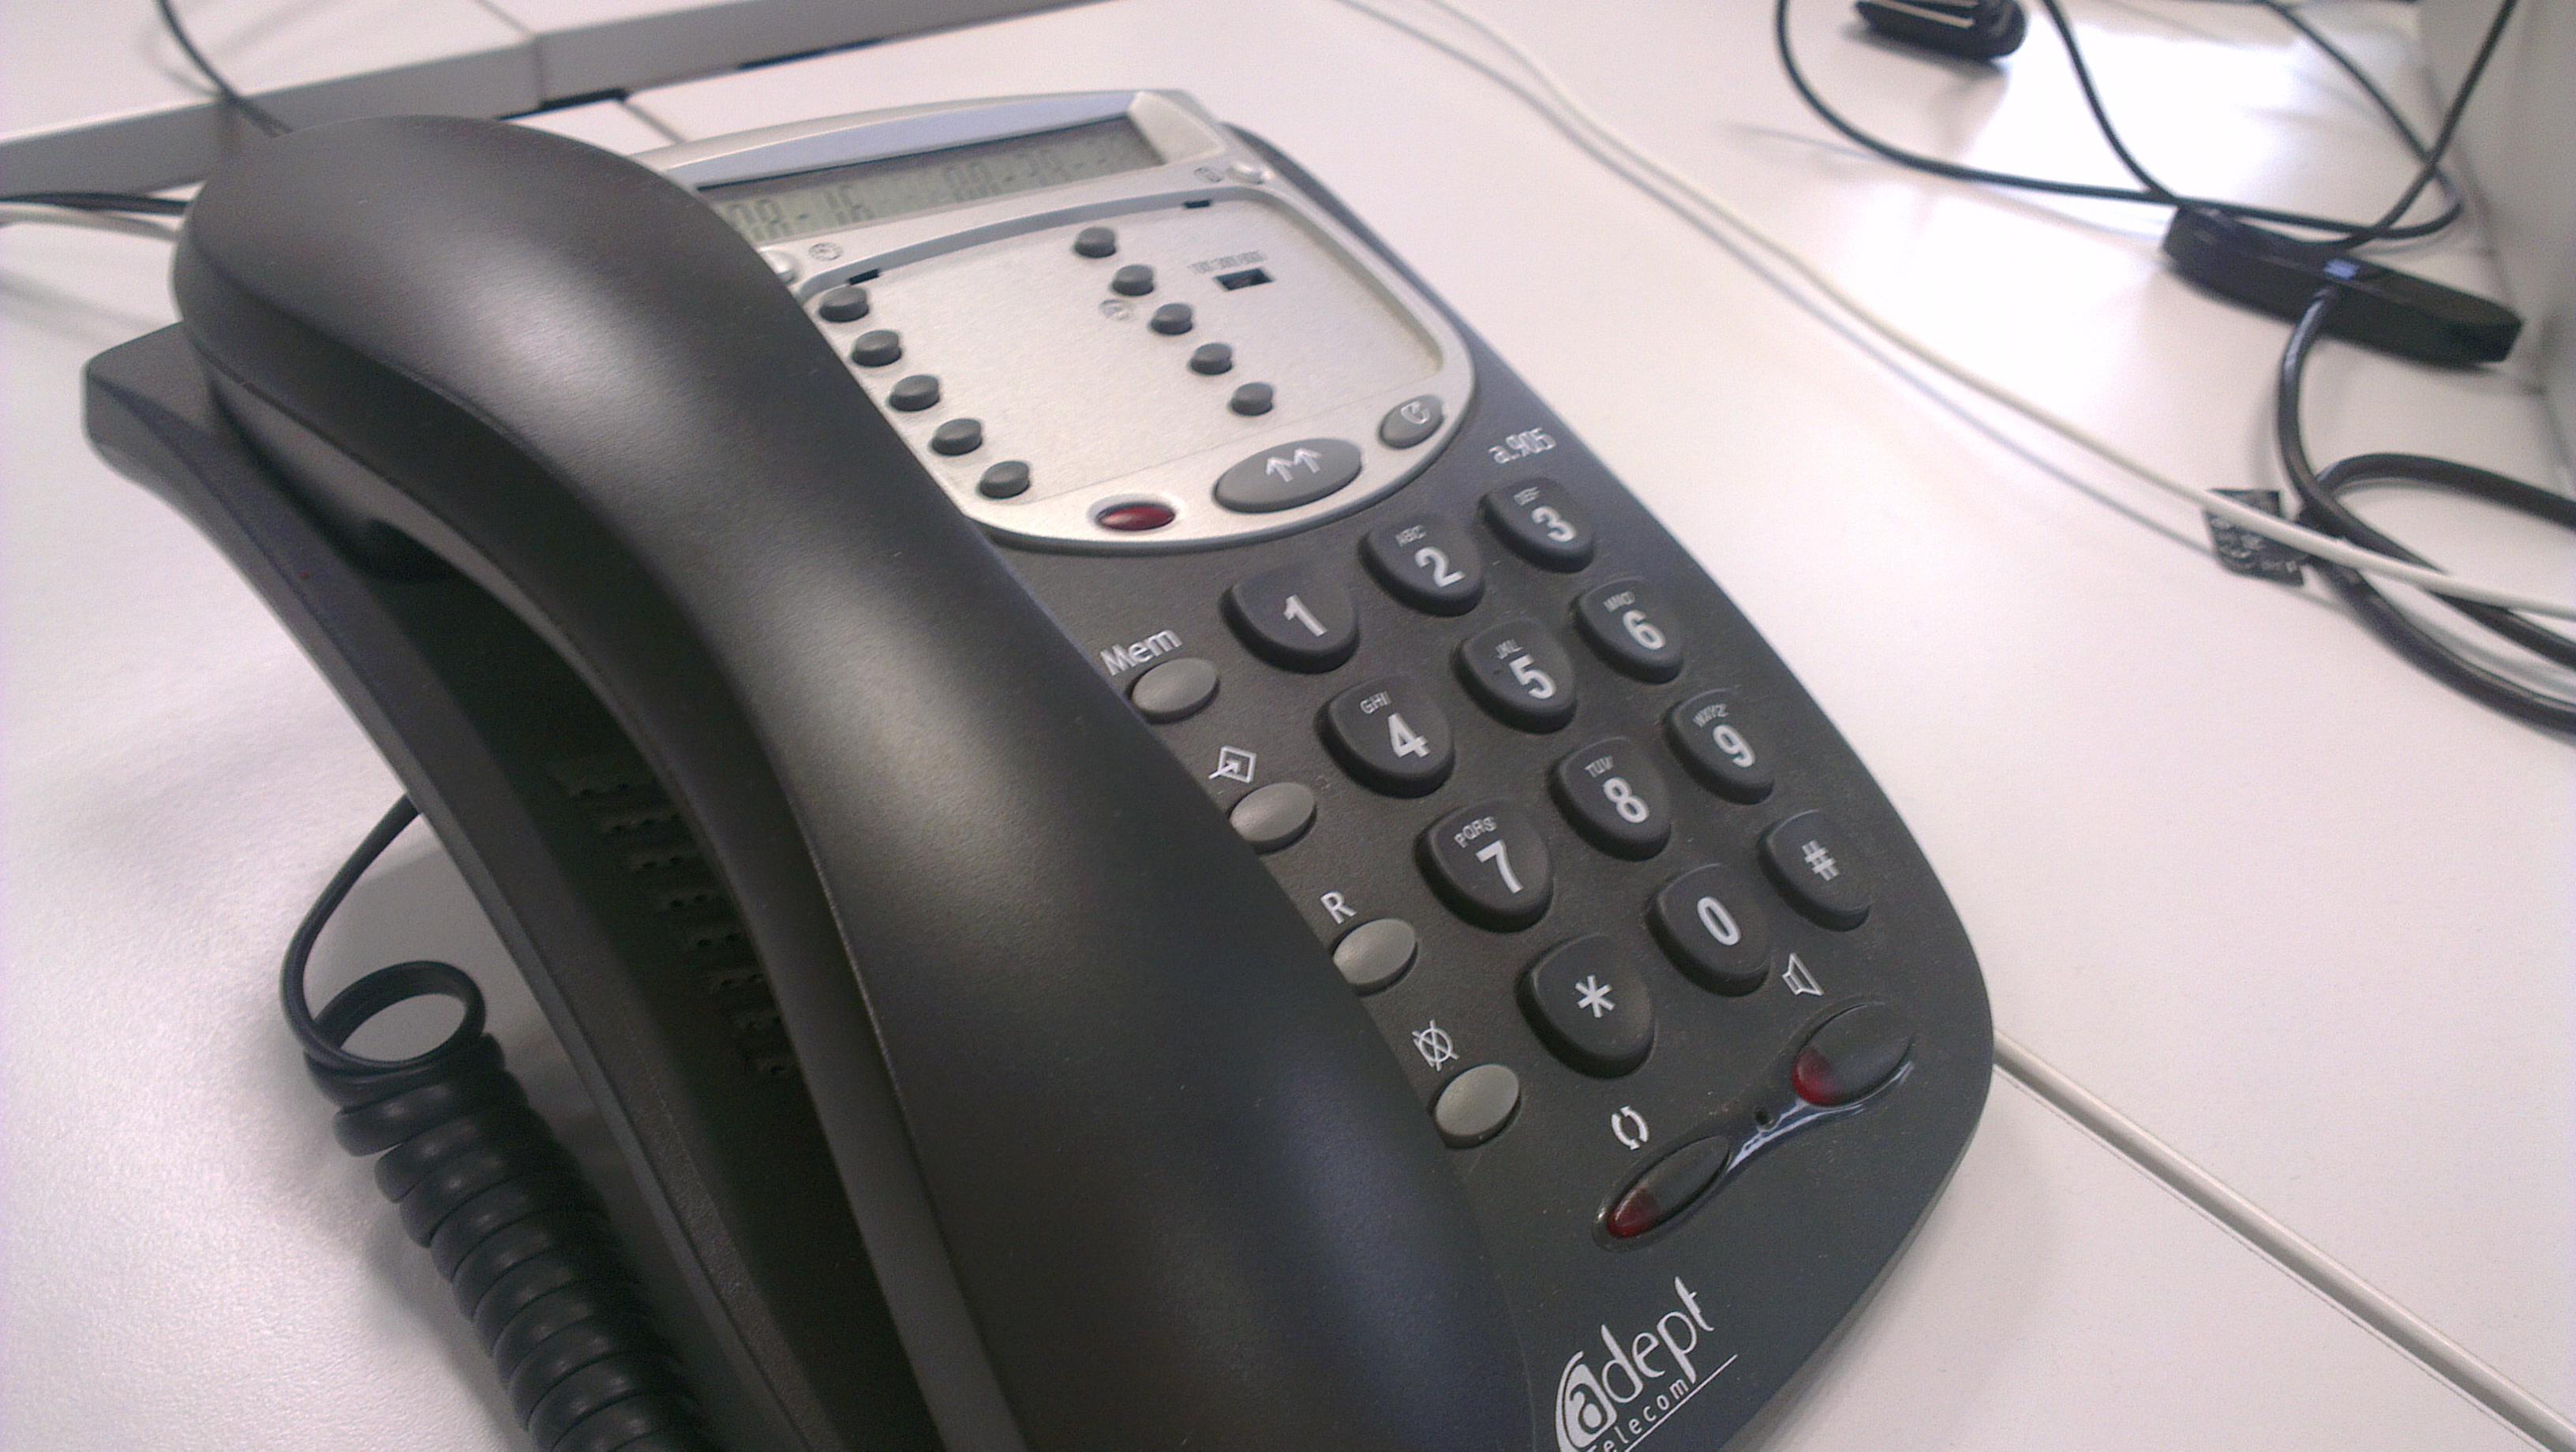 Hausse de 0, 1% du marché de la téléphonie fixe, après un an de baisse (rapport)